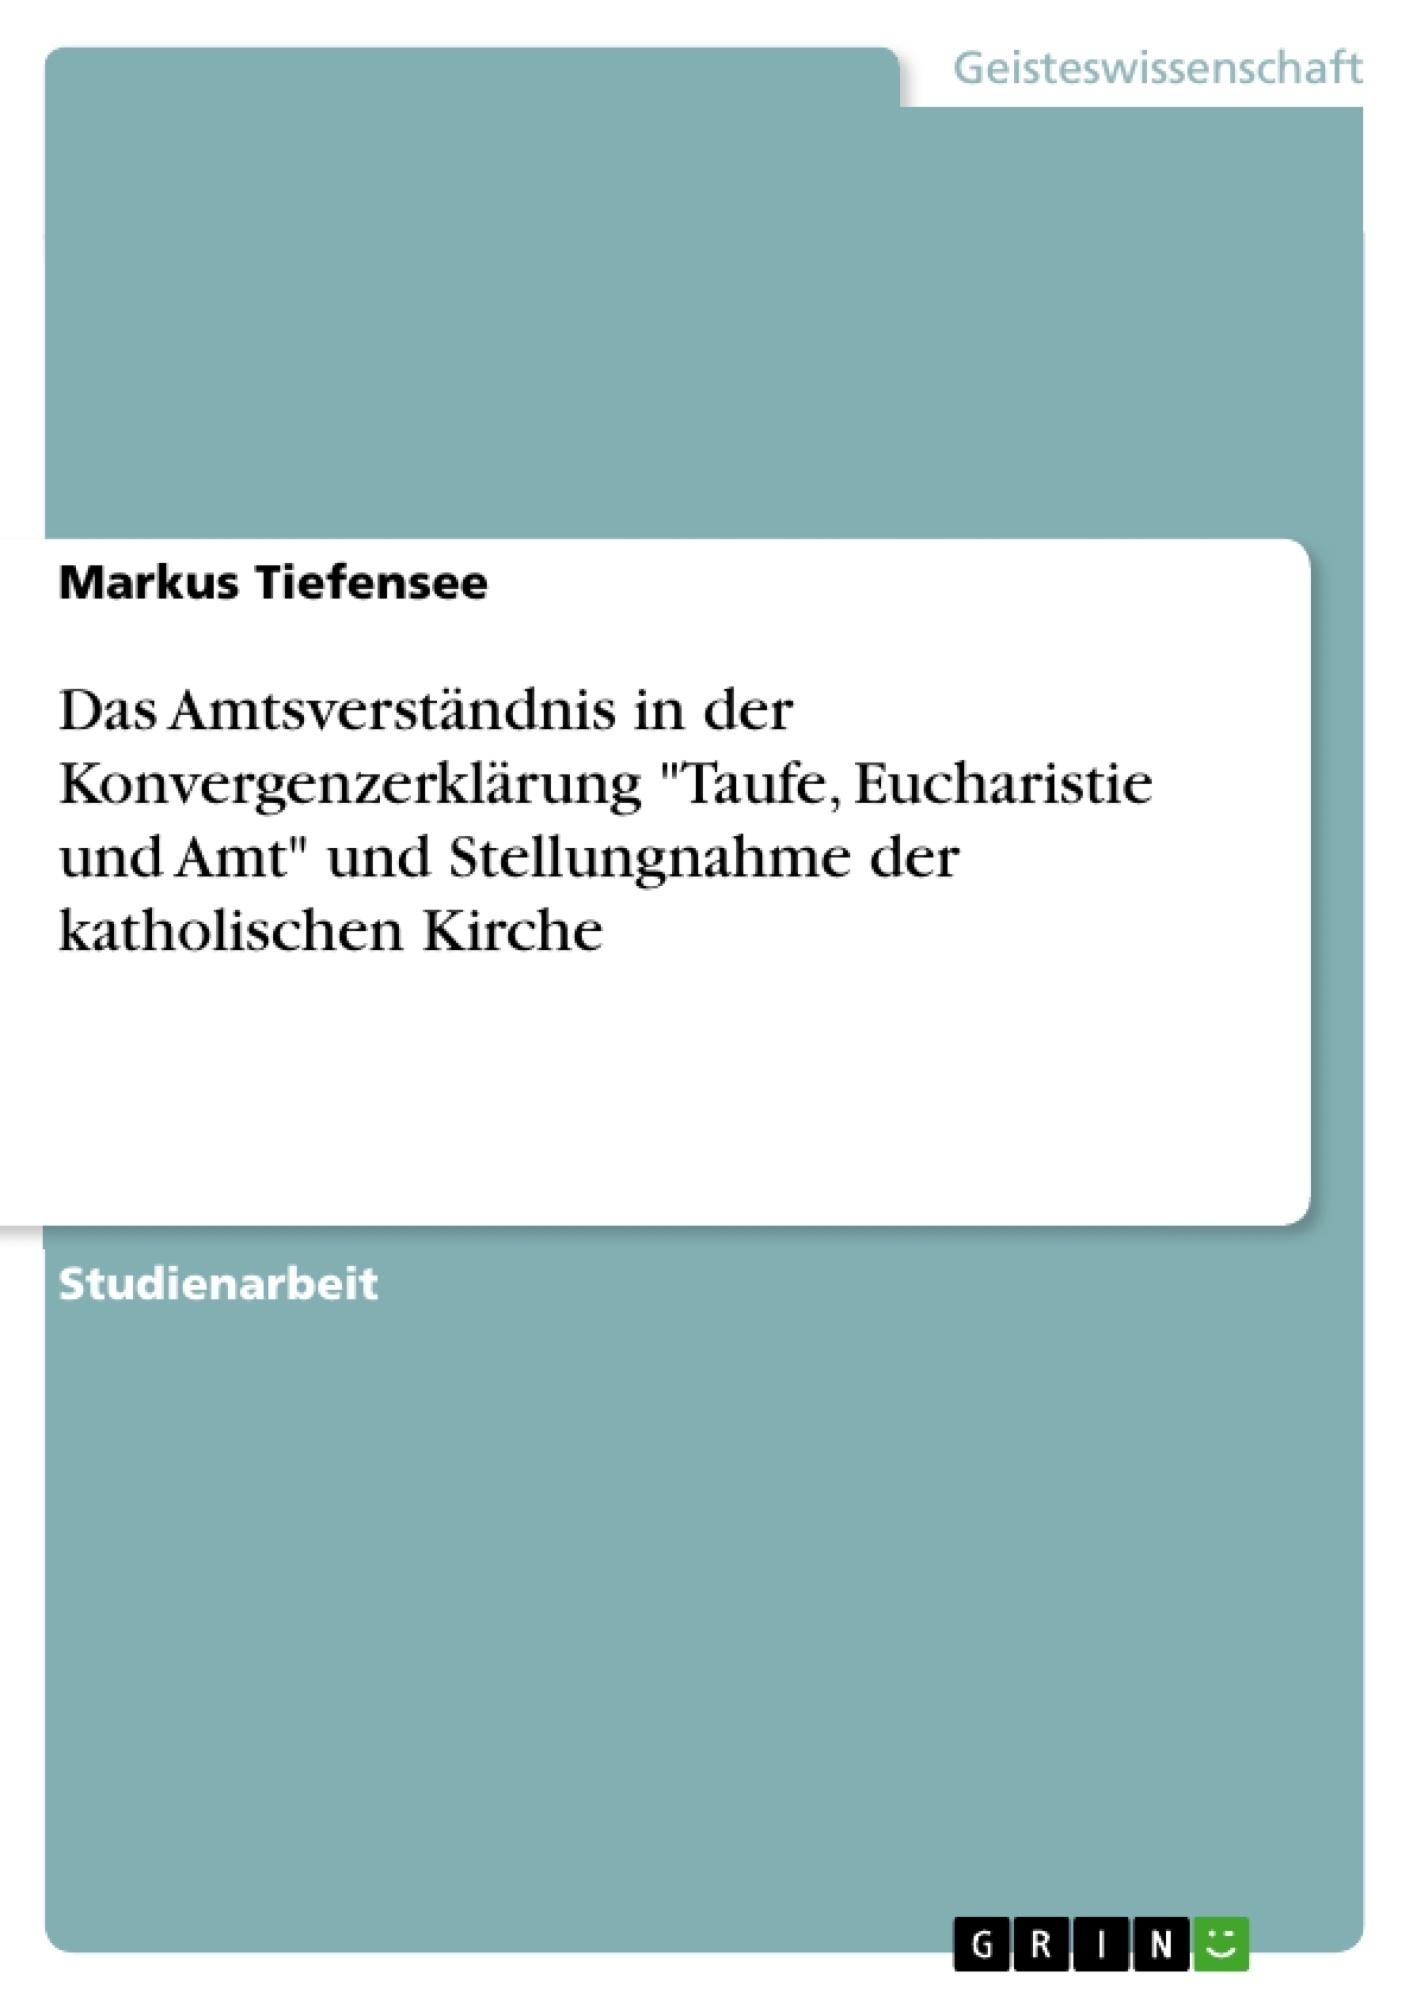 """Titel: Das Amtsverständnis in der Konvergenzerklärung """"Taufe, Eucharistie und Amt"""" und Stellungnahme der katholischen Kirche"""